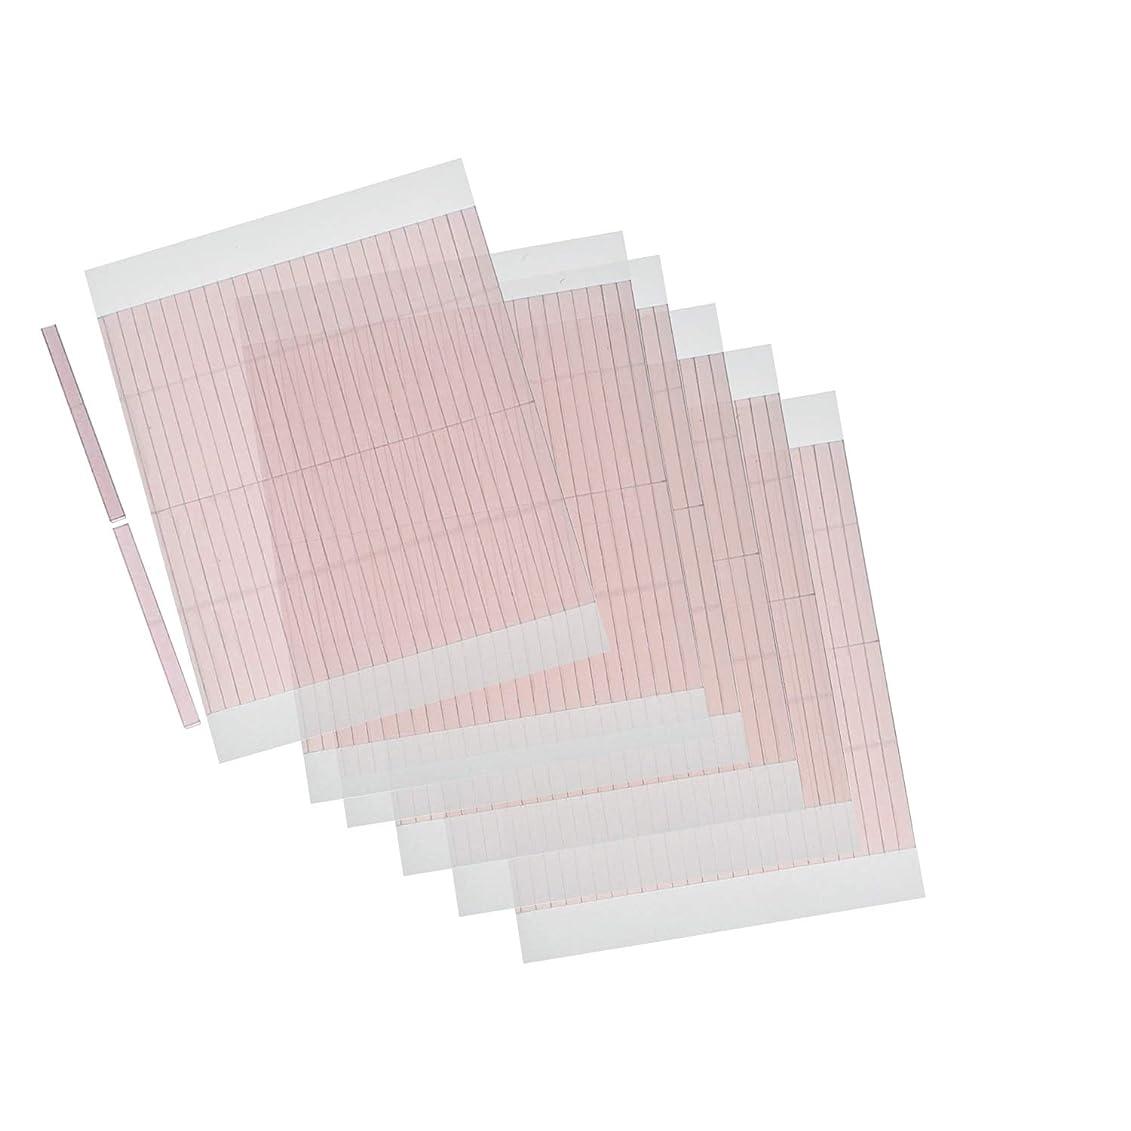 くしゃみバランス配偶者m.tivance アイテープ 二重瞼形成 二重テープ 5シートセット 260本入り/アイテープ5枚セット